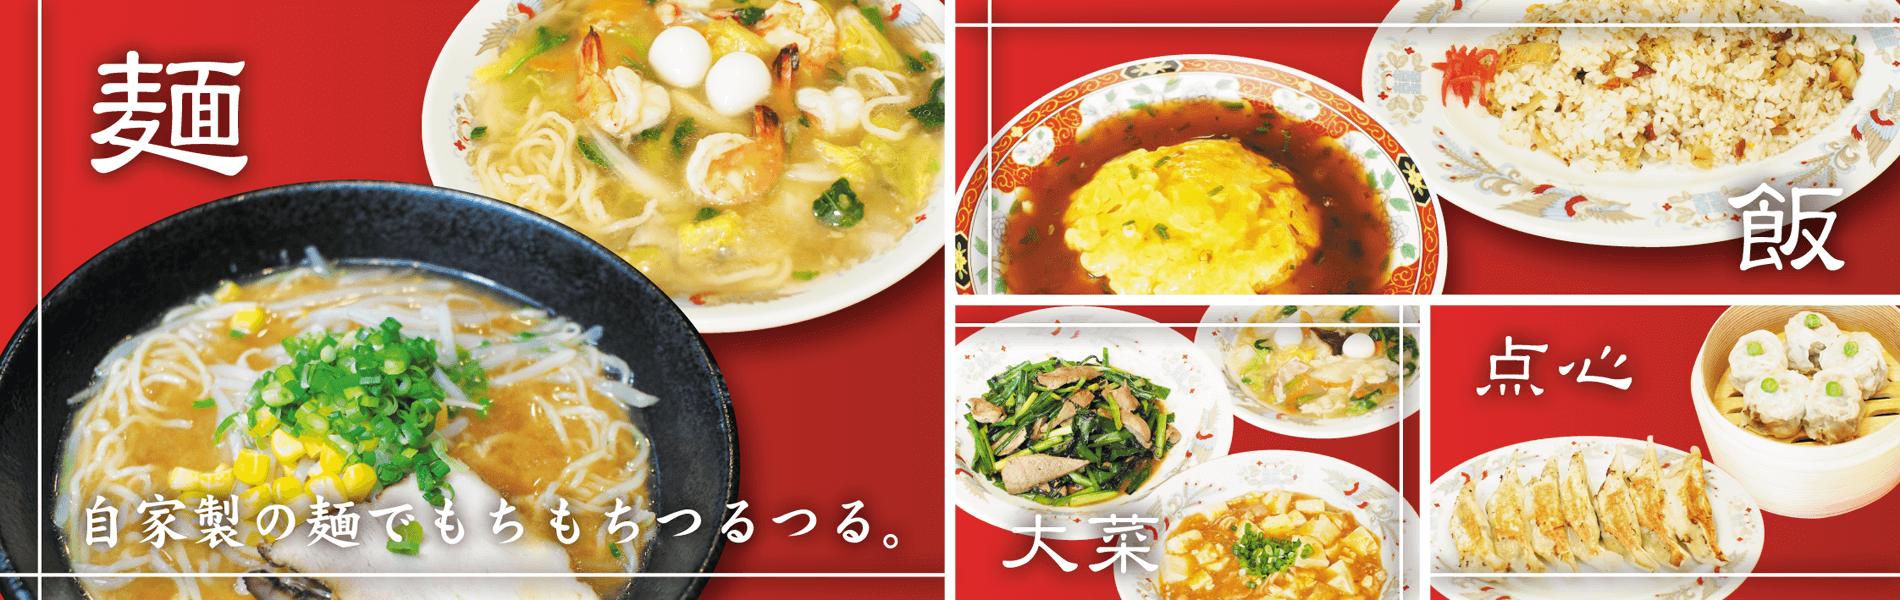 麺は自家製麺でもちもちつるつる・飯・点心・大菜